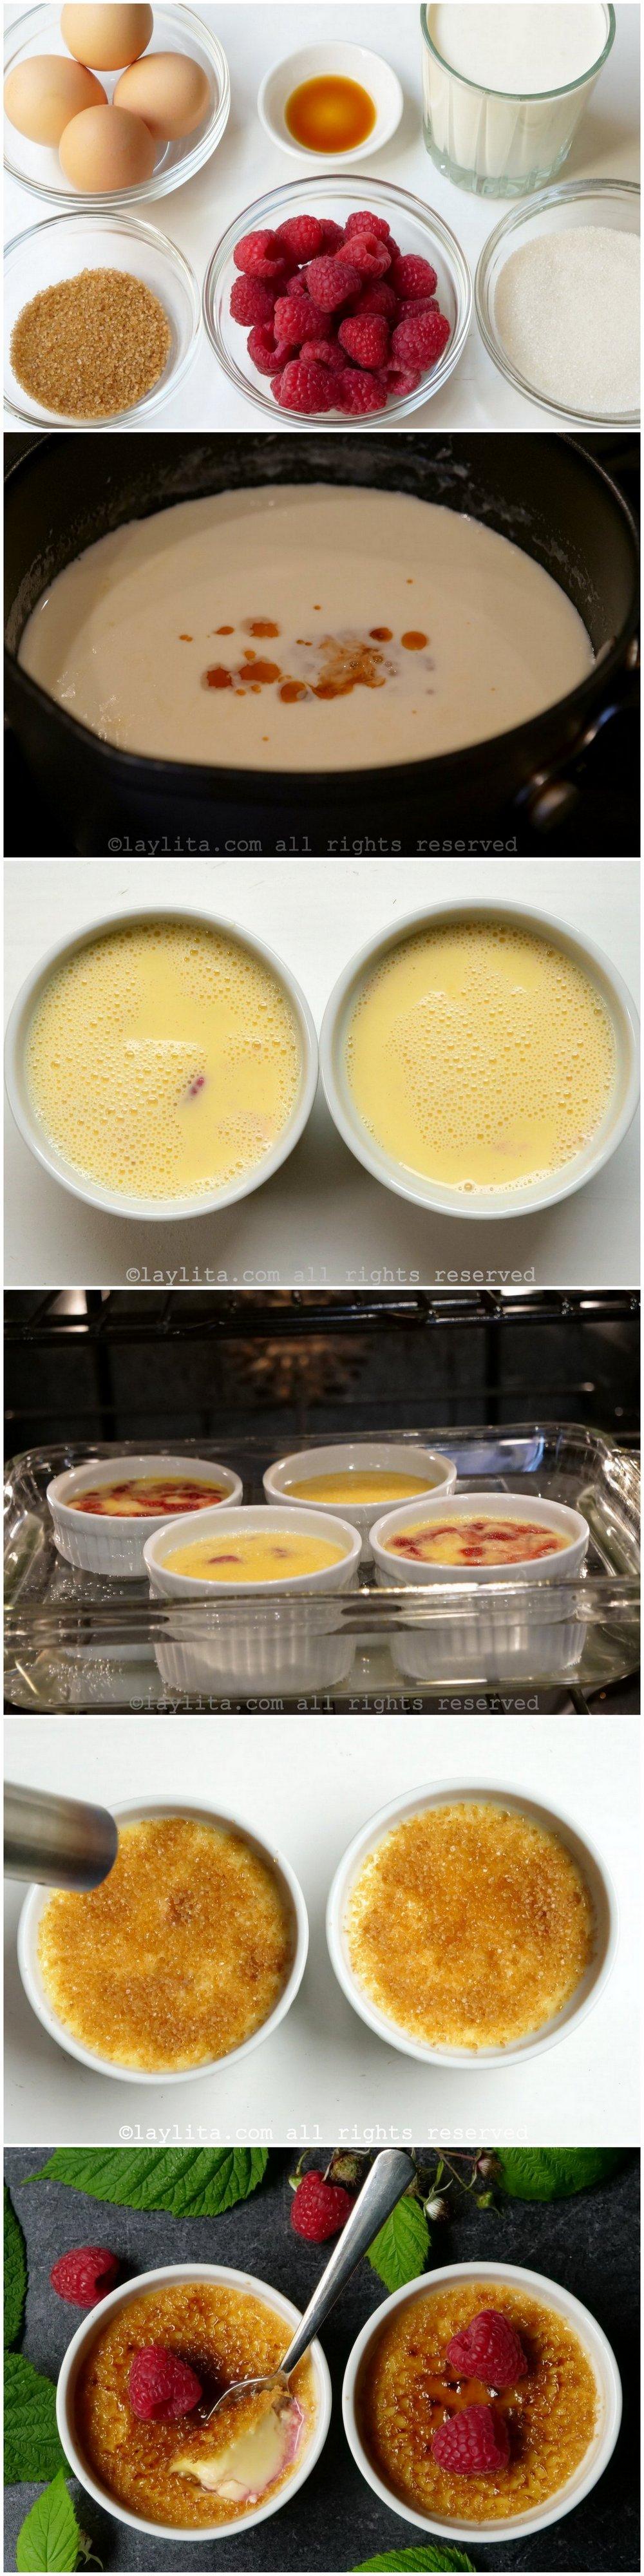 Préparation de la crème brulée aux framboises